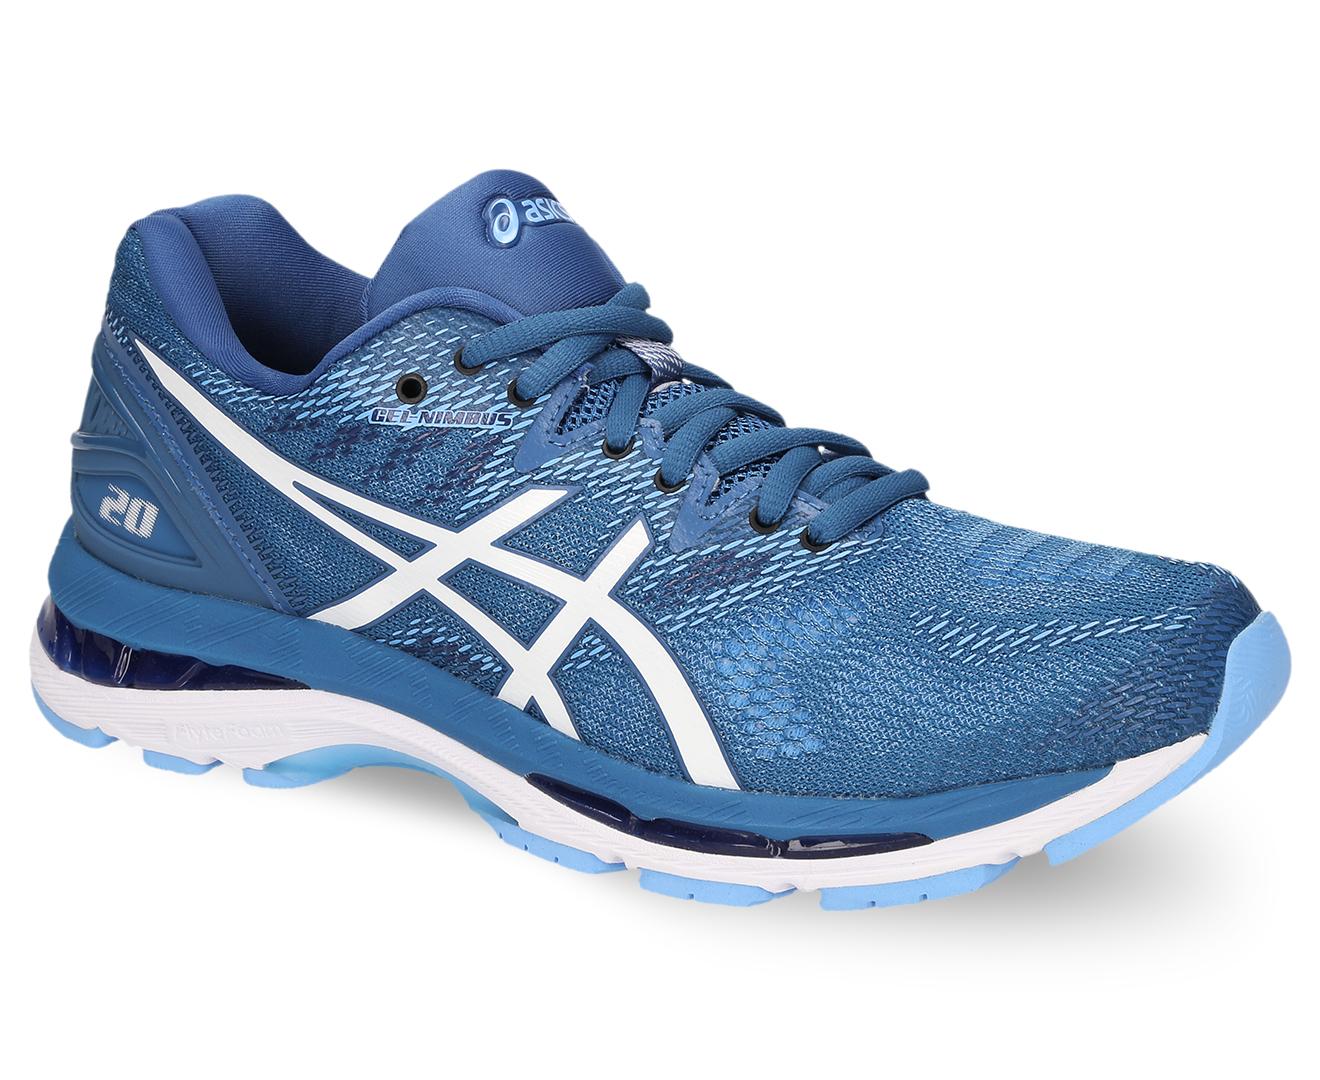 ca5944588fc3 ASICS Women s GEL-Nimbus 20 Shoe - Azure White